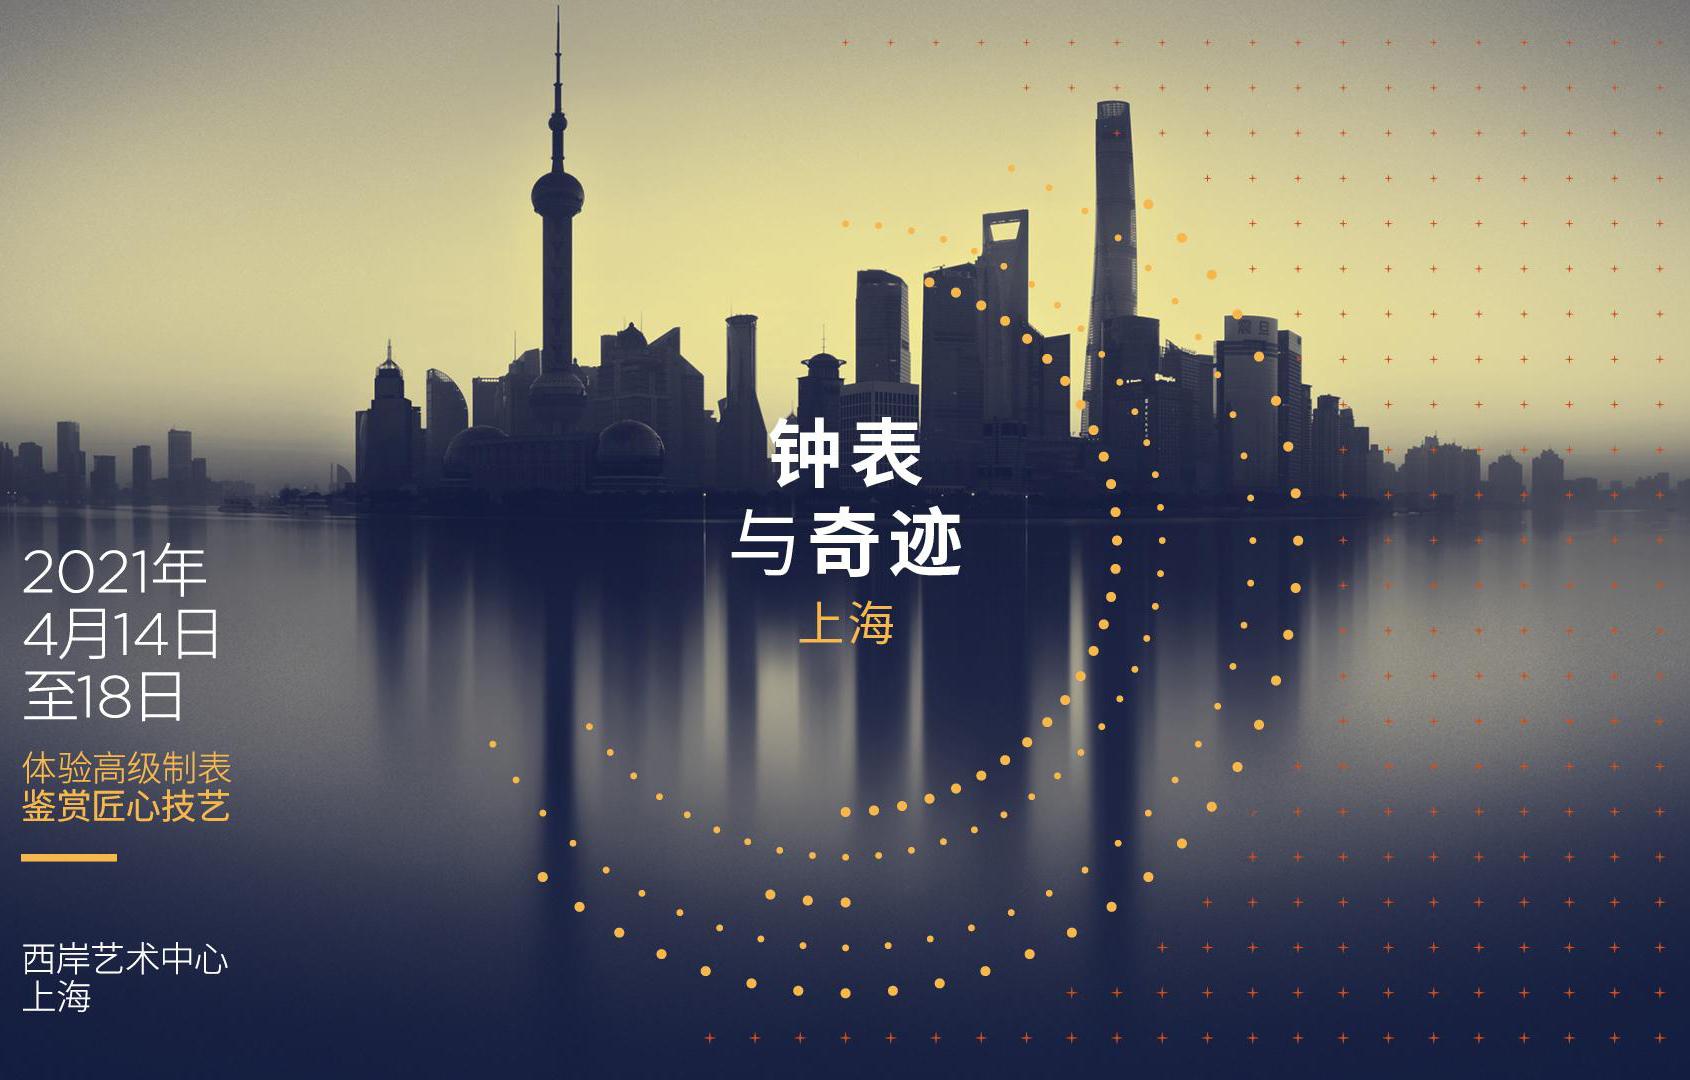 """2021年""""鐘表與奇跡""""高級鐘表展 不僅是數字化平臺,更是行業樞紐!"""